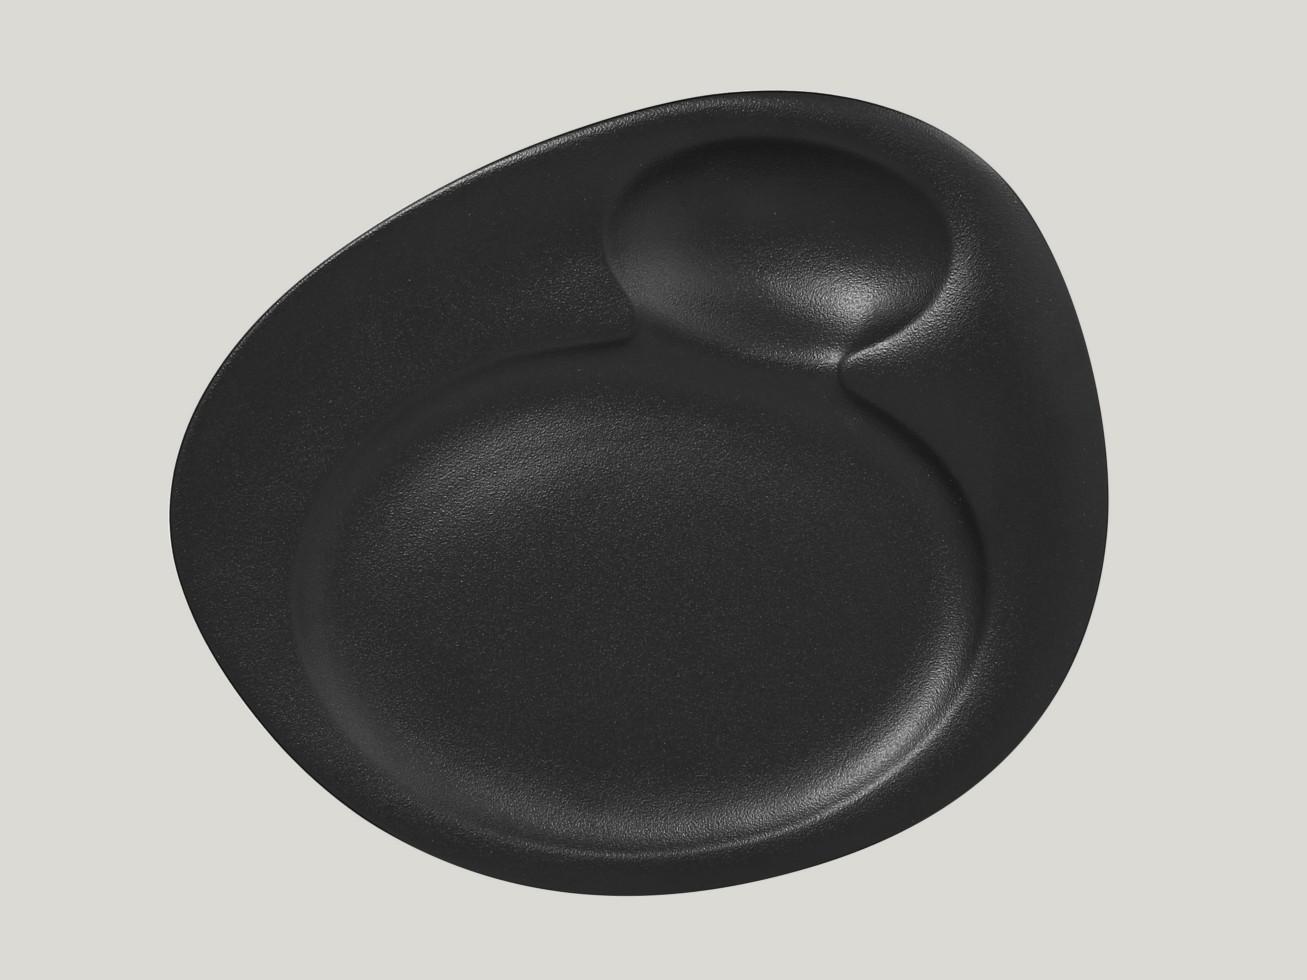 Dinner talíř - 2 basins - černá Neofusion